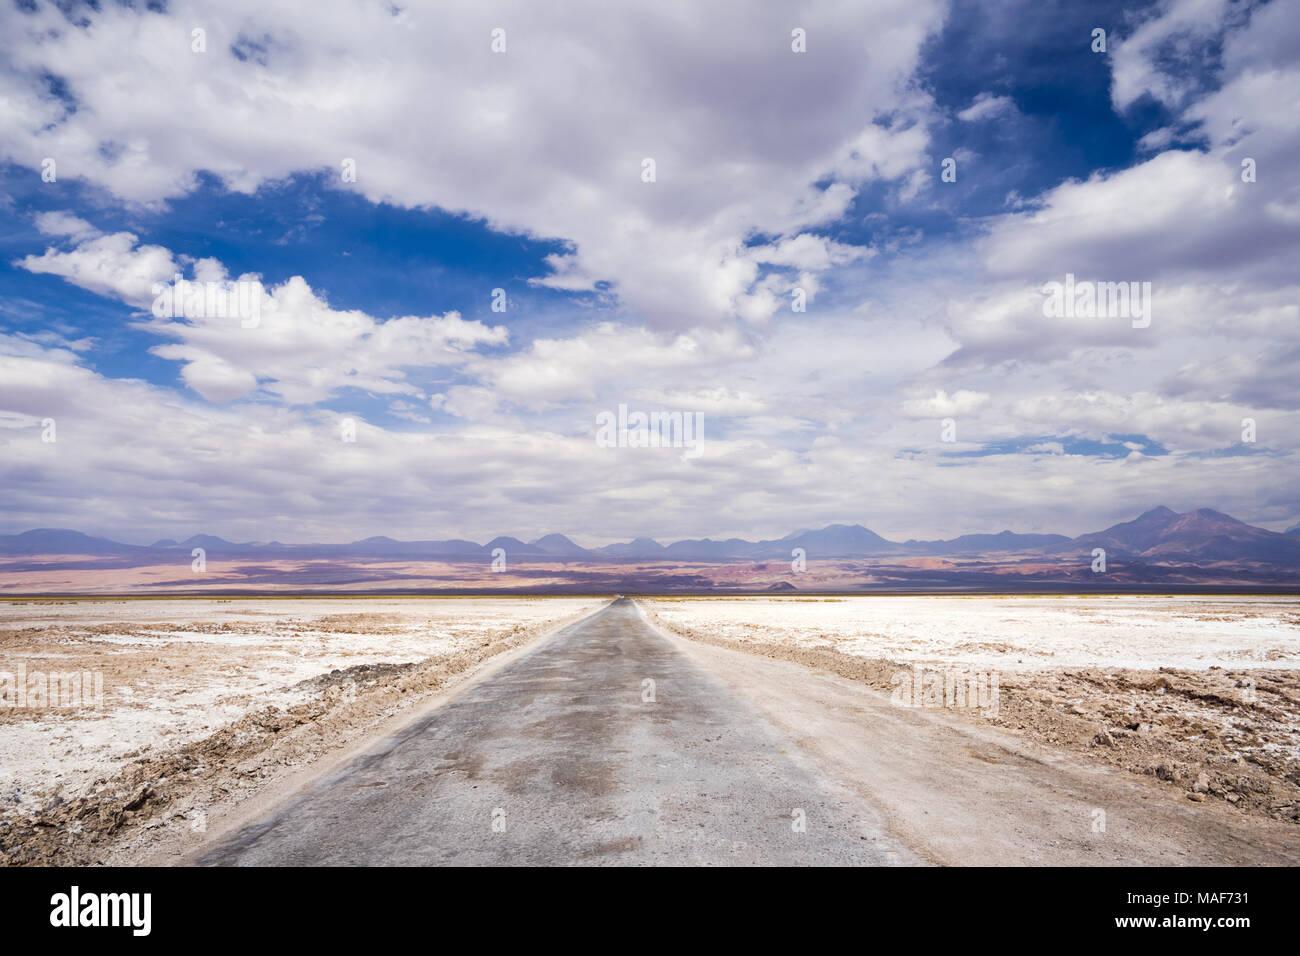 Salar de Atacama, Antofagasta, Chile, southamerica Stock Photo